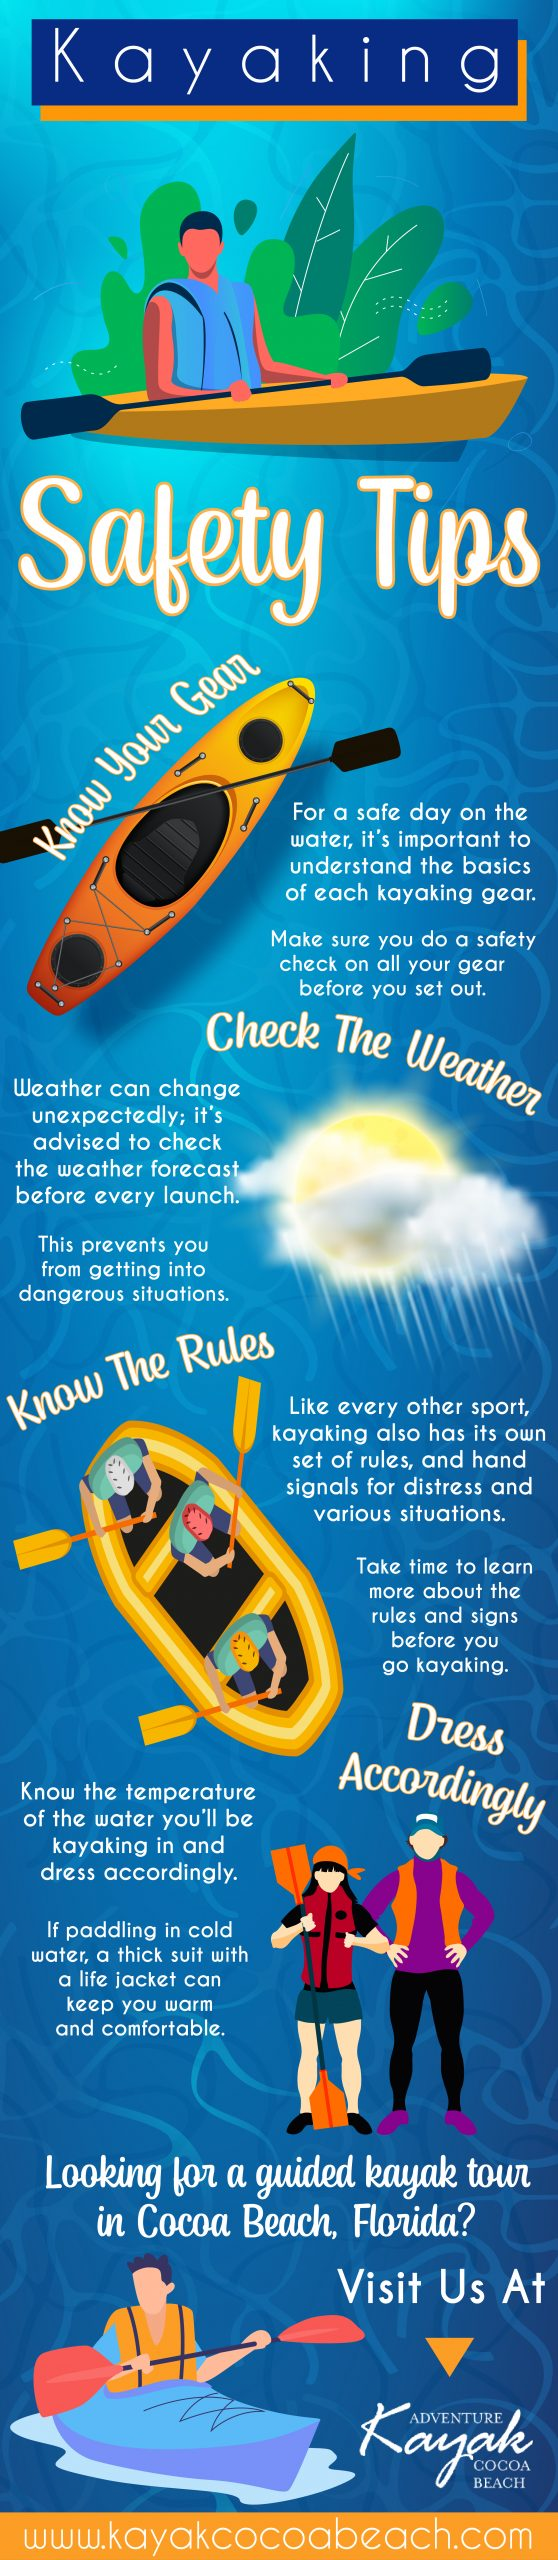 Kayaking Saftey Tips